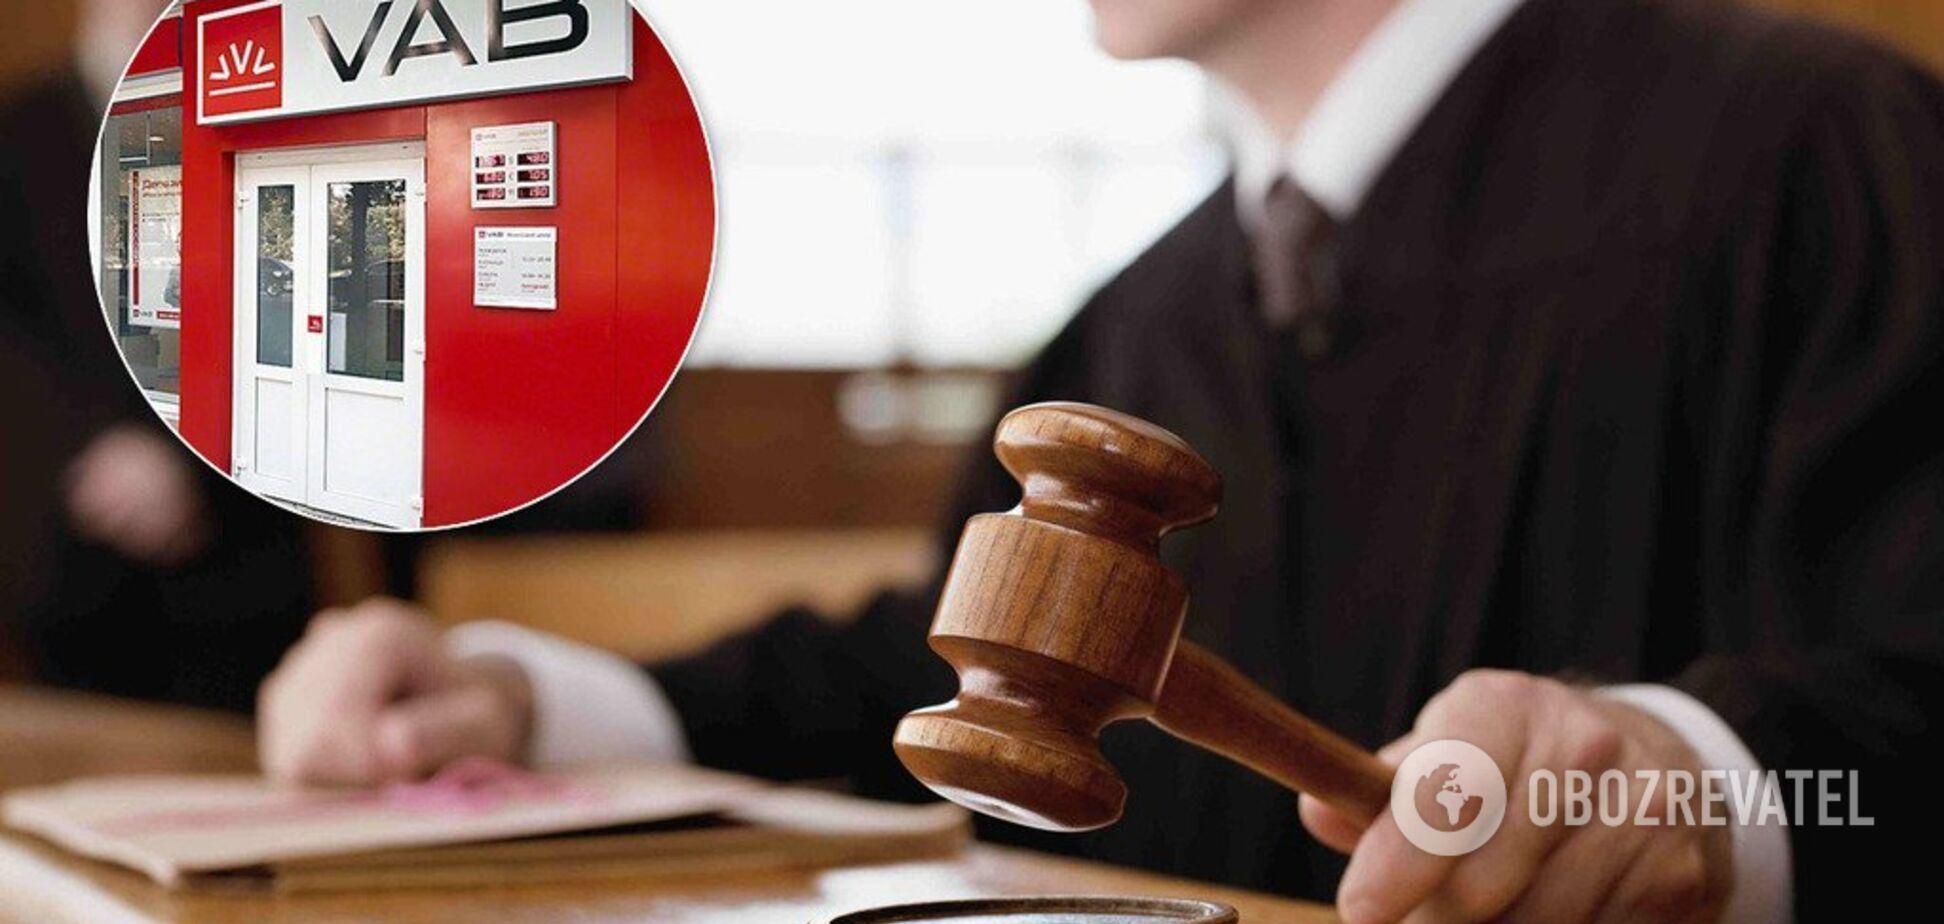 Суд заарештував топбанкірів у справі VAB Банку: подробиці гучного рішення